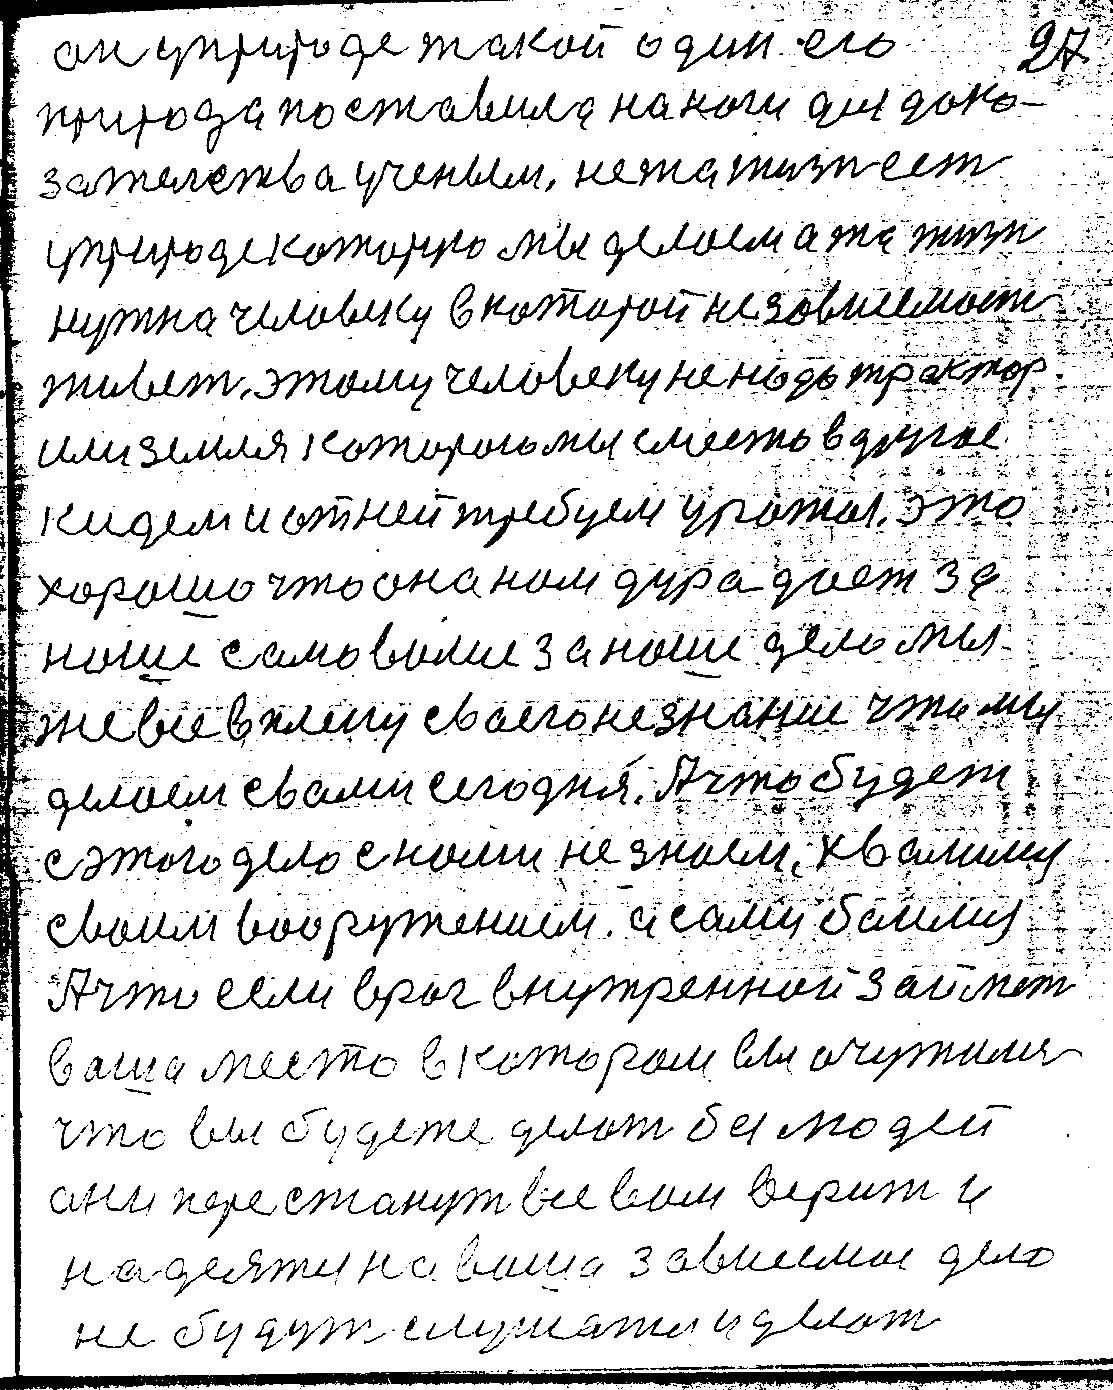 Str027.jpg